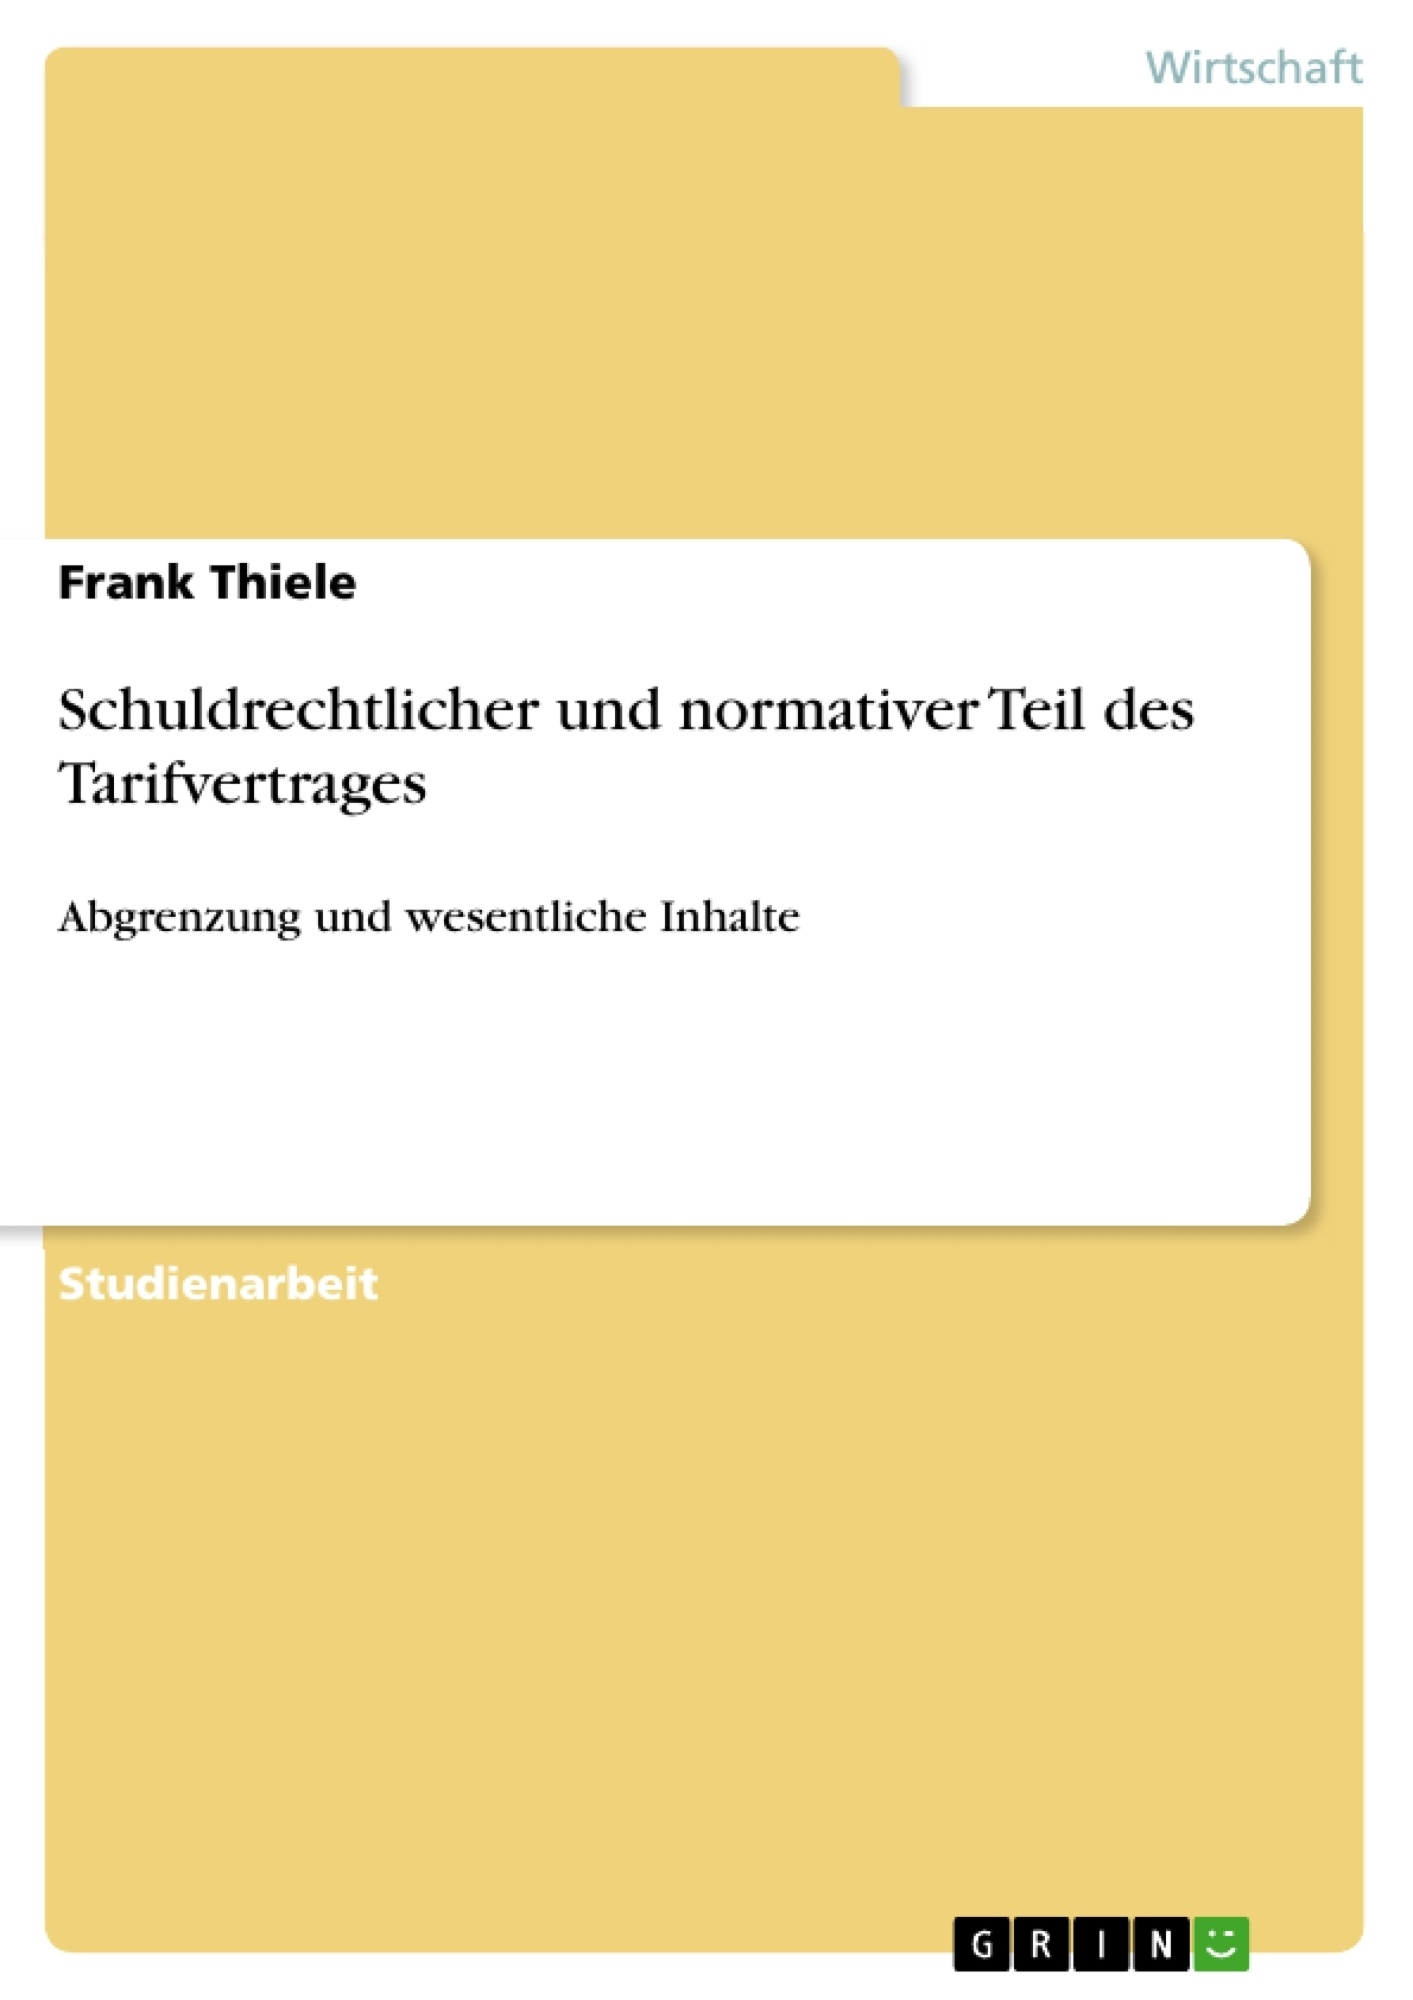 Titel: Schuldrechtlicher und normativer Teil des Tarifvertrages